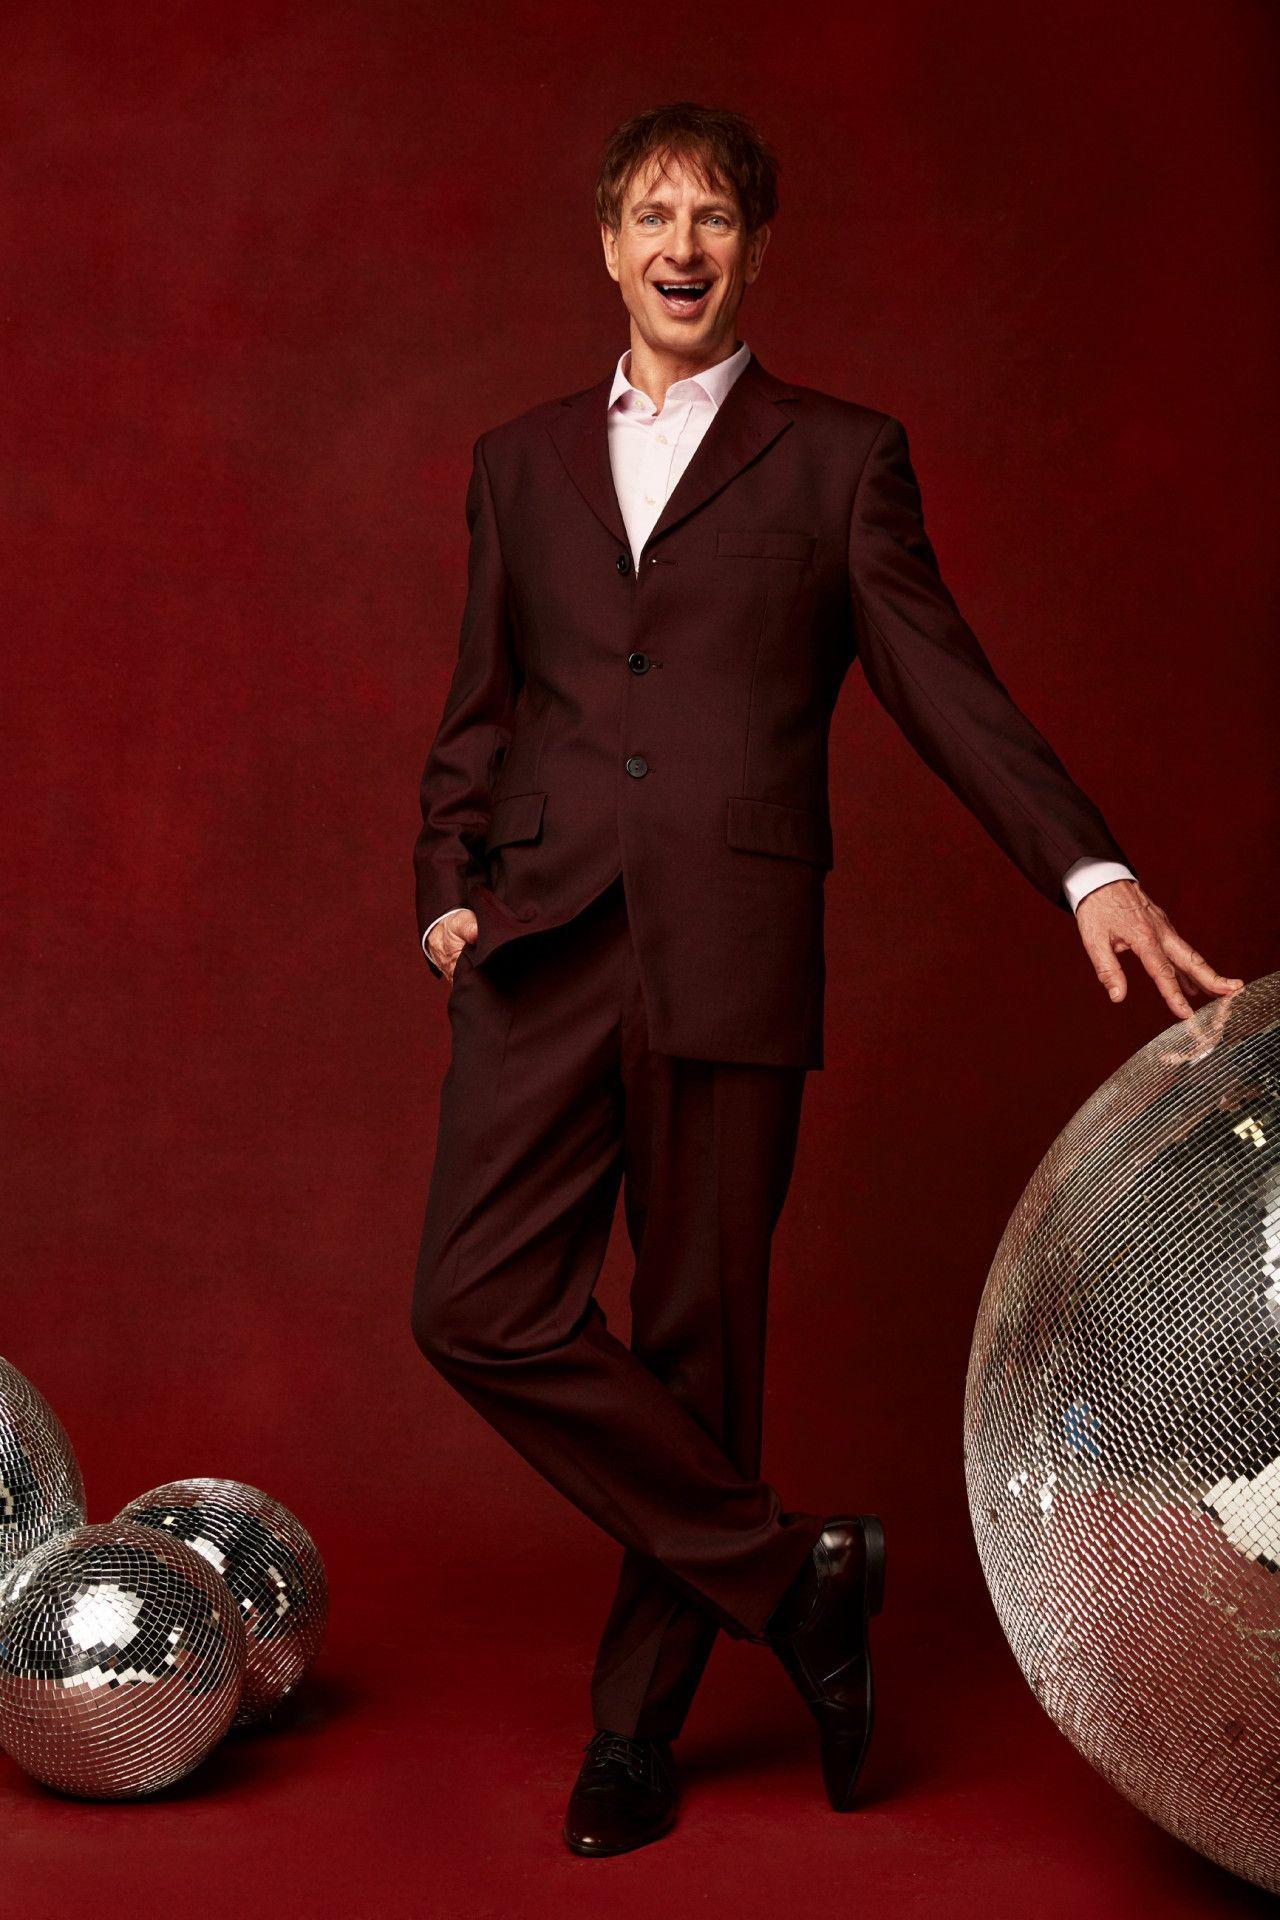 """""""Warum ich bei 'Let's Dance' mitmache? Weil ich einfach Lust draufhabe!"""", erklärt er."""